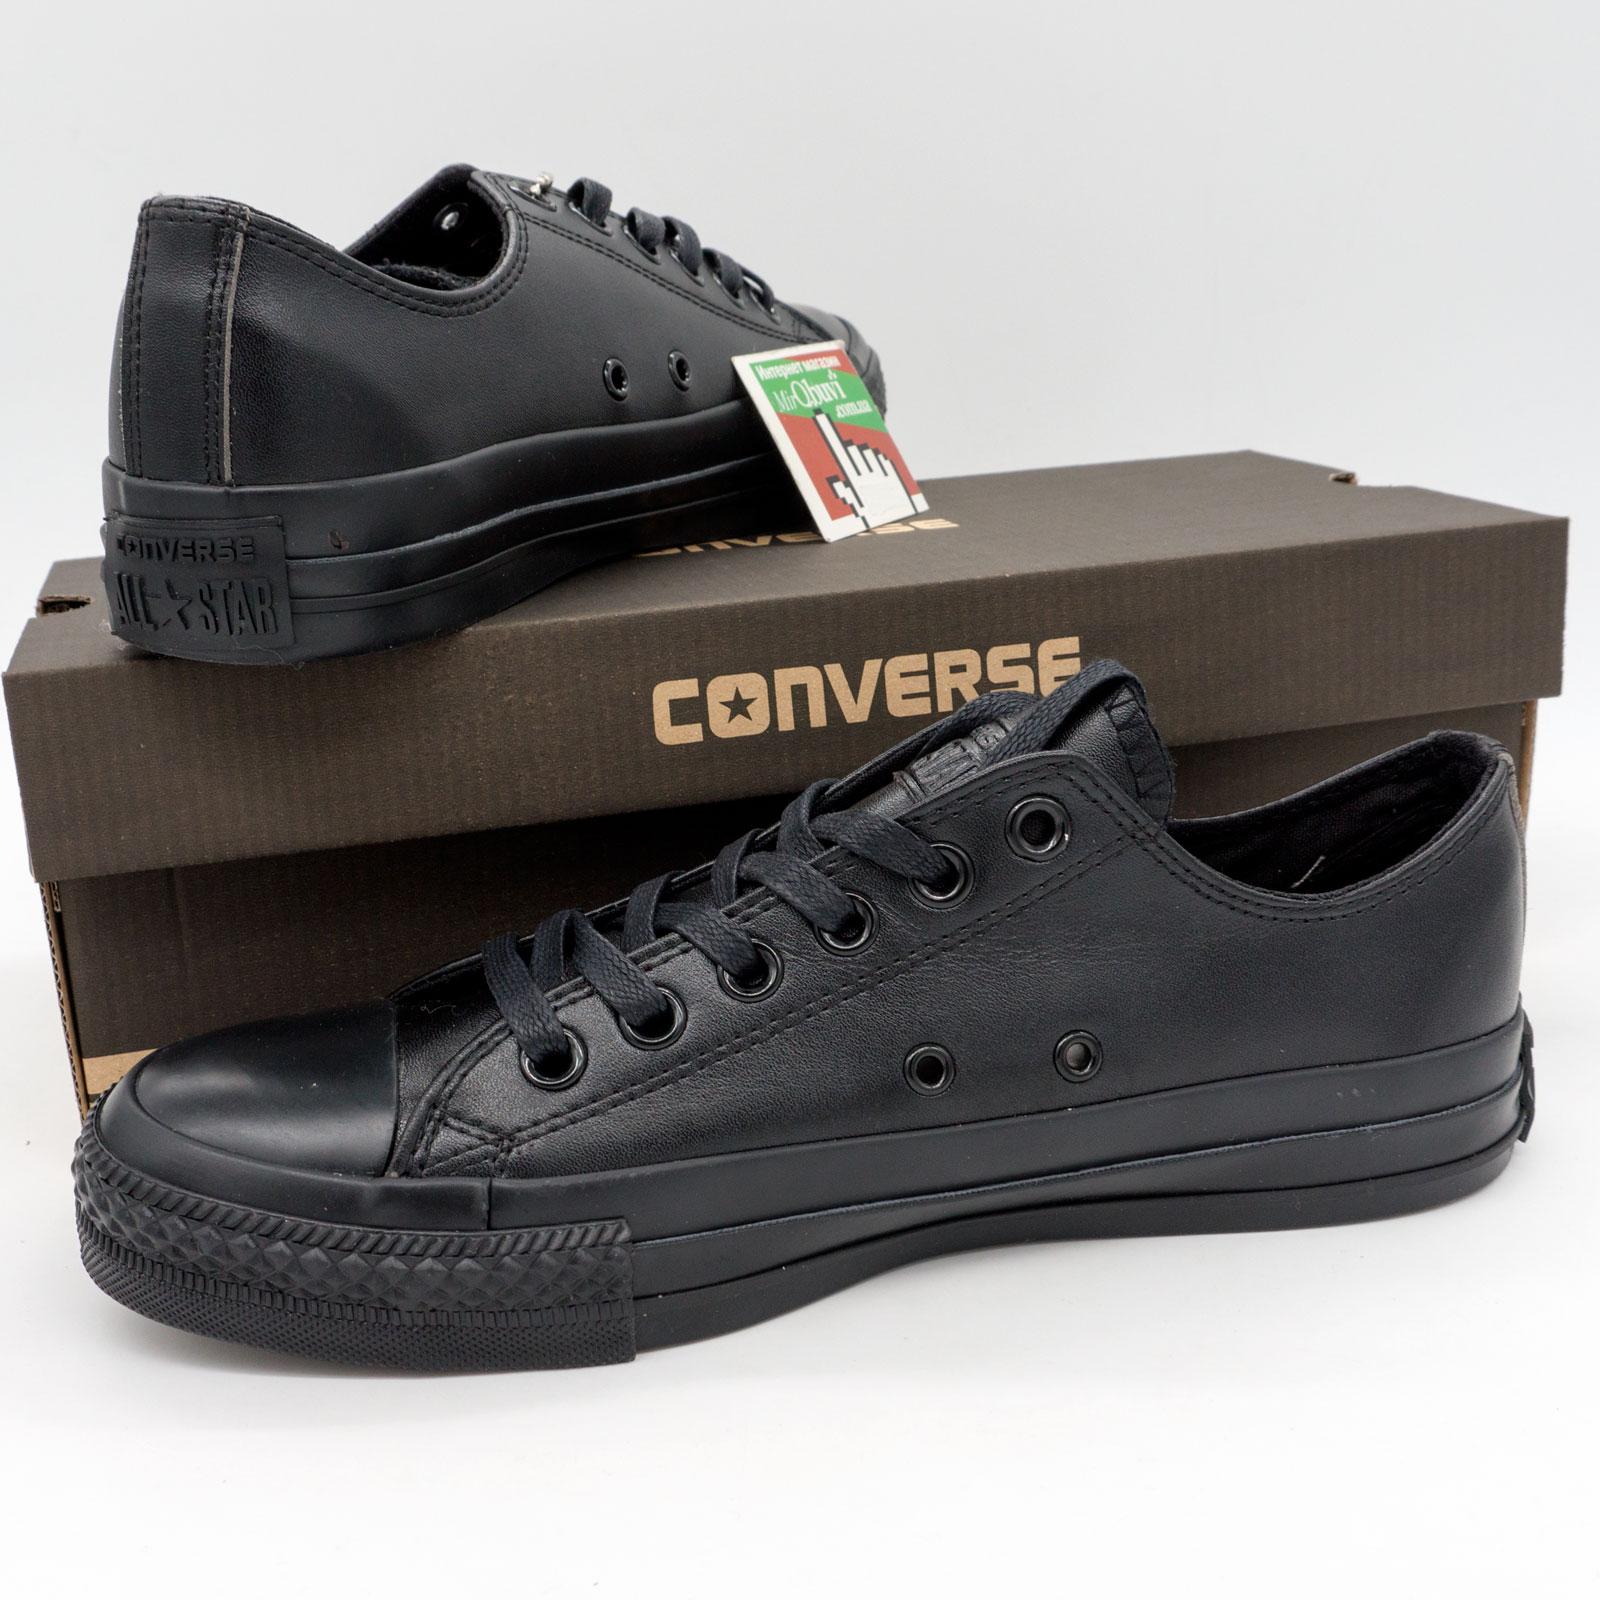 фото bottom Кеды Converse кожаные низкие полностью черные bottom